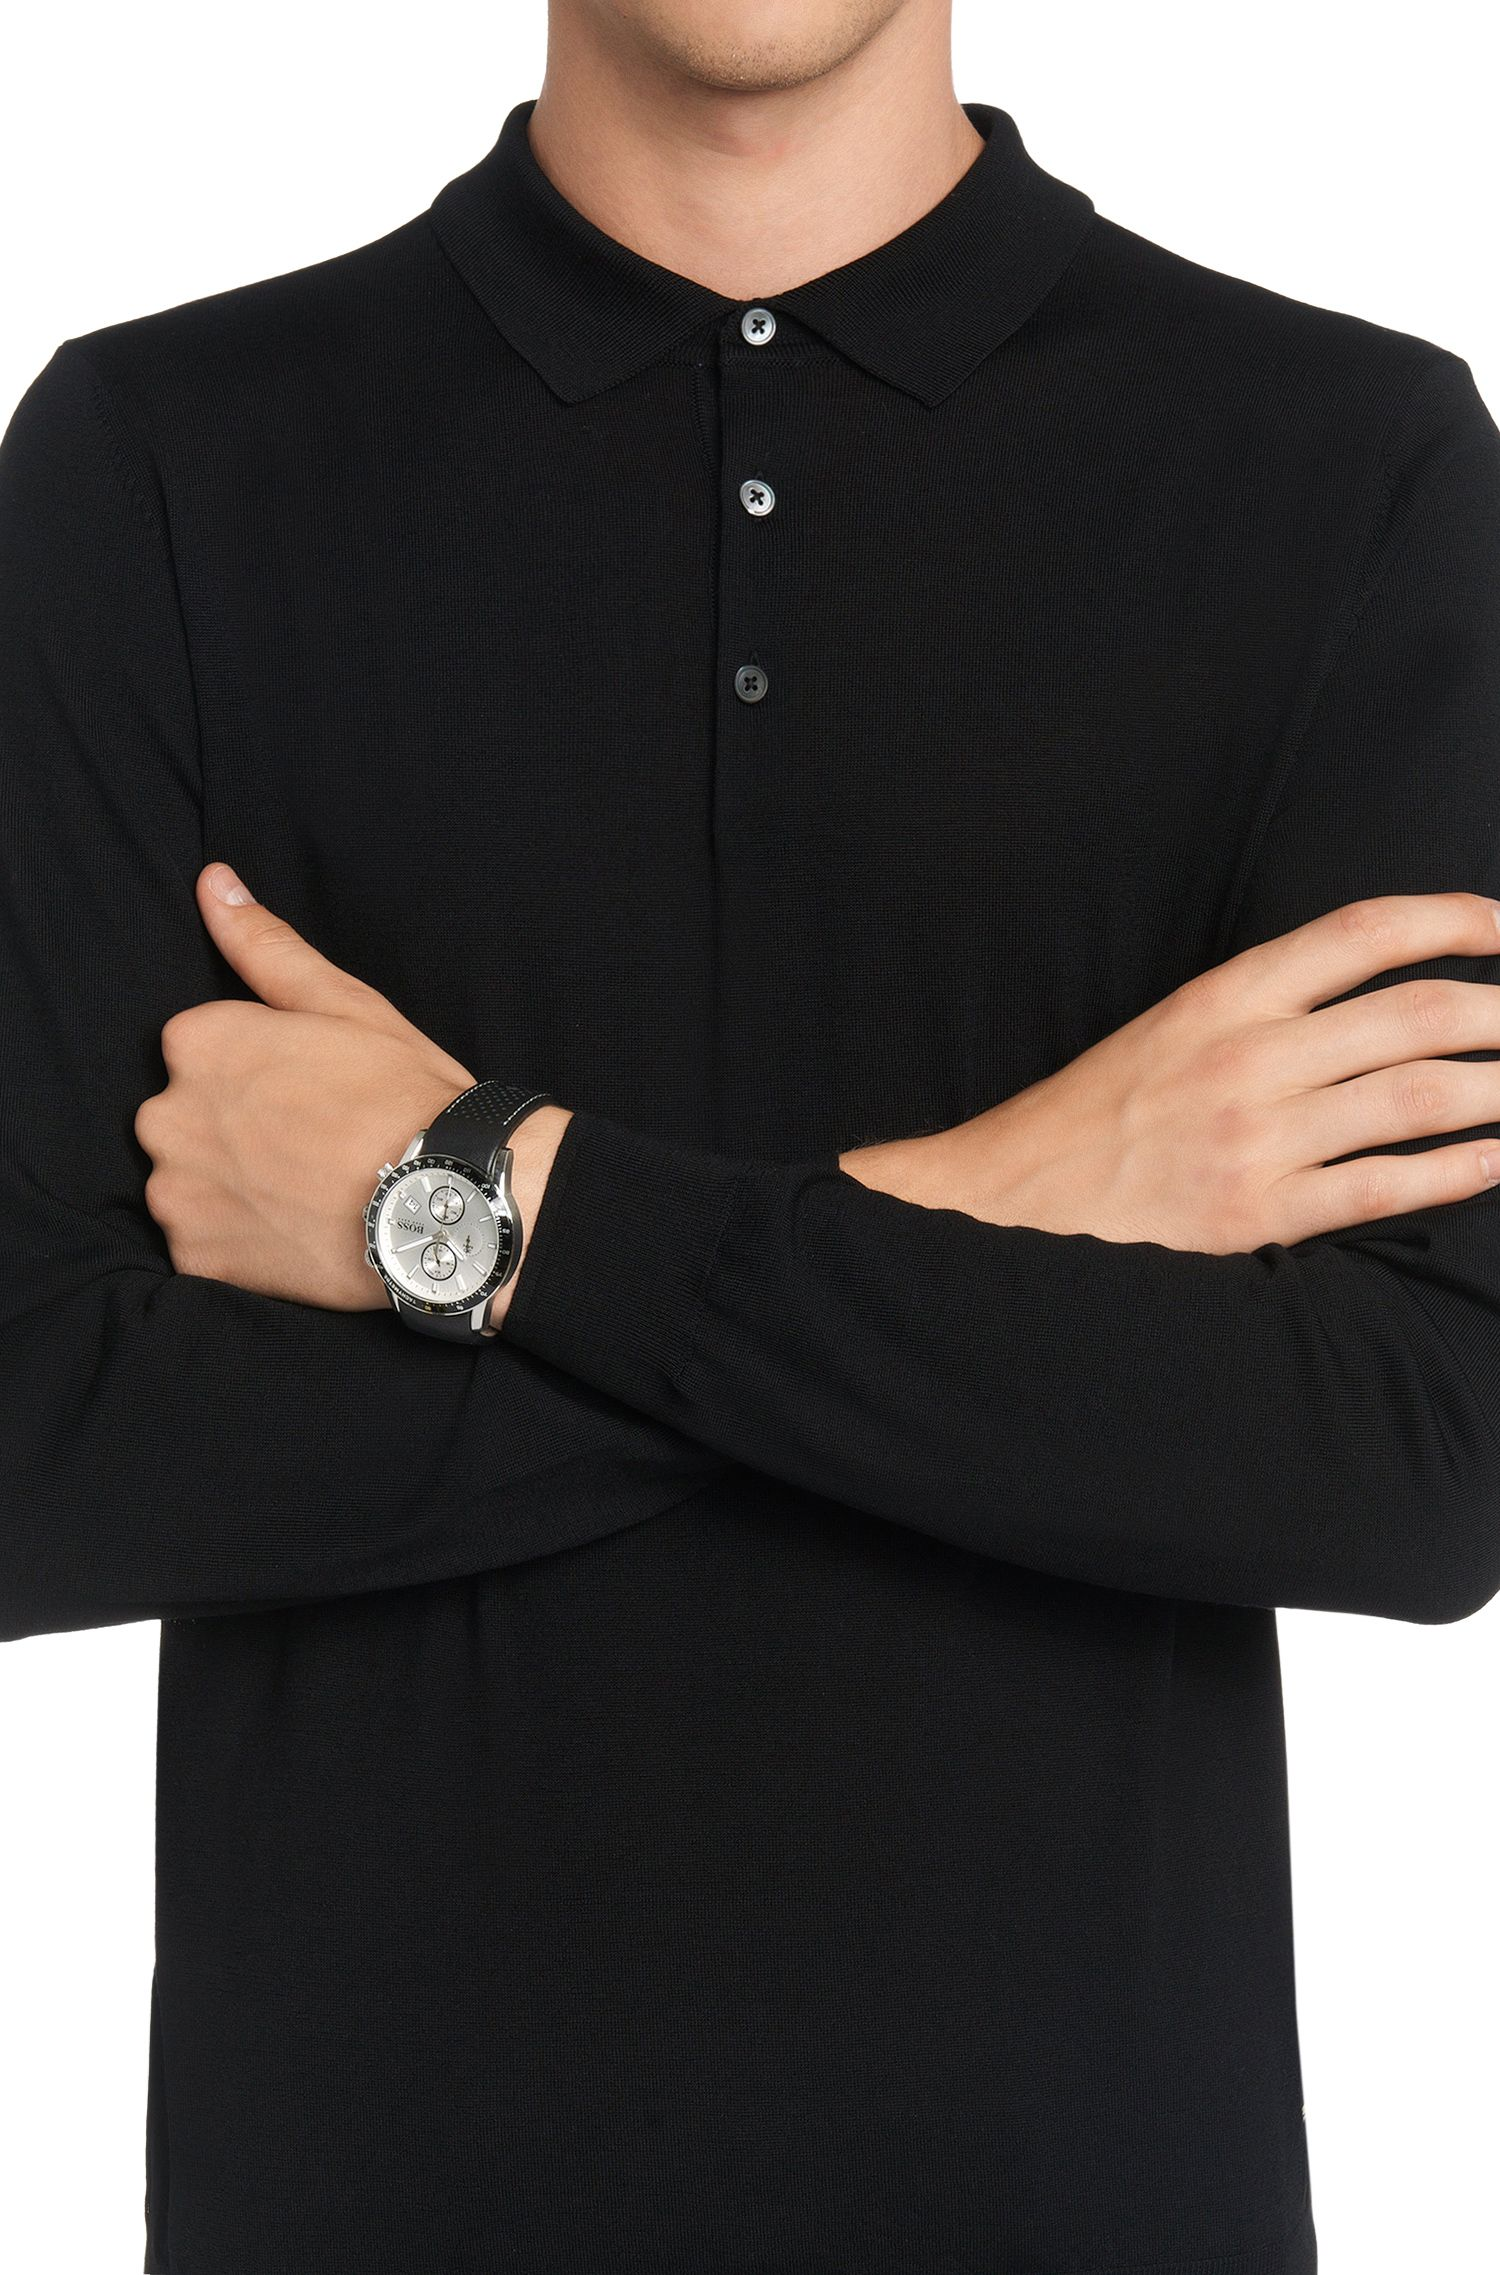 Montre sportive en acier inoxydable au placage gris à cadran argenté et bracelet en cuir perforé